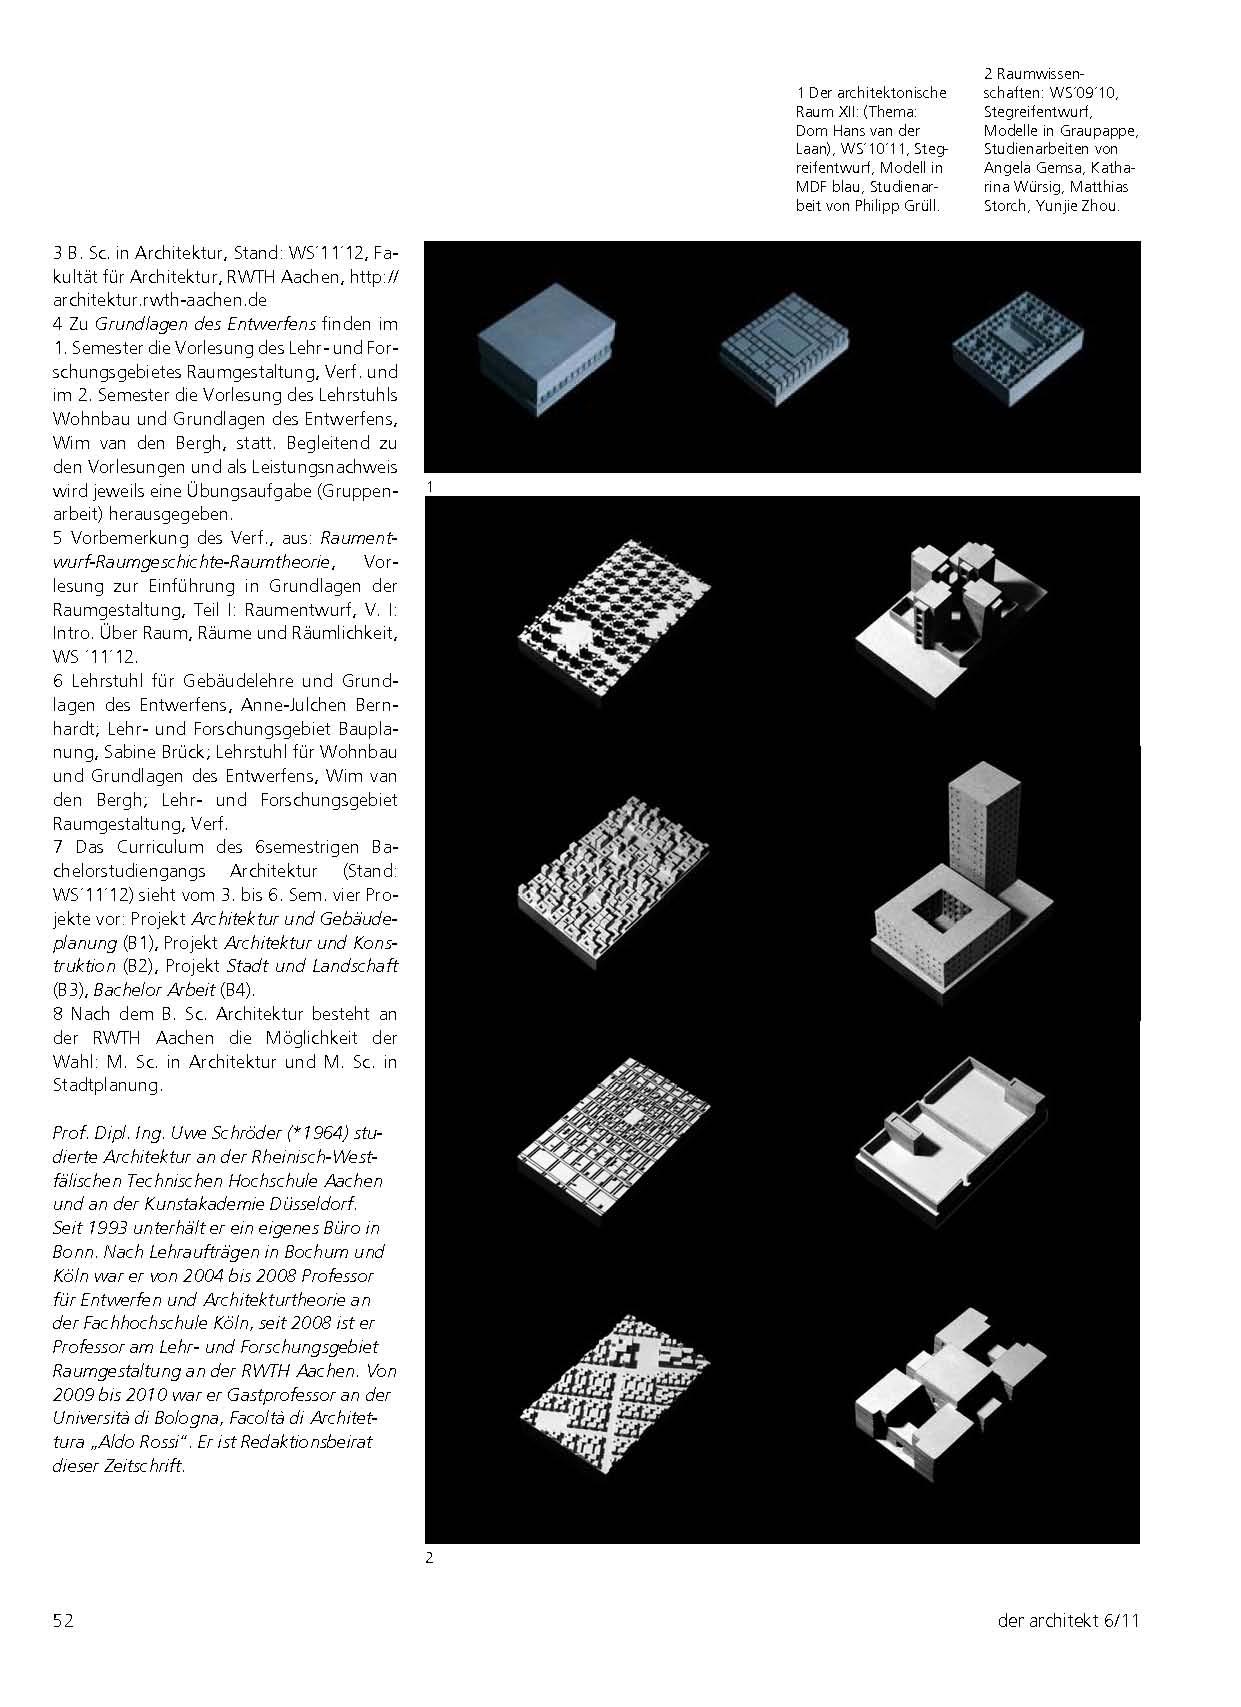 Raumgestaltung rwth ba vorlesung zur einf hrung in for Raumgestaltung grundlagen